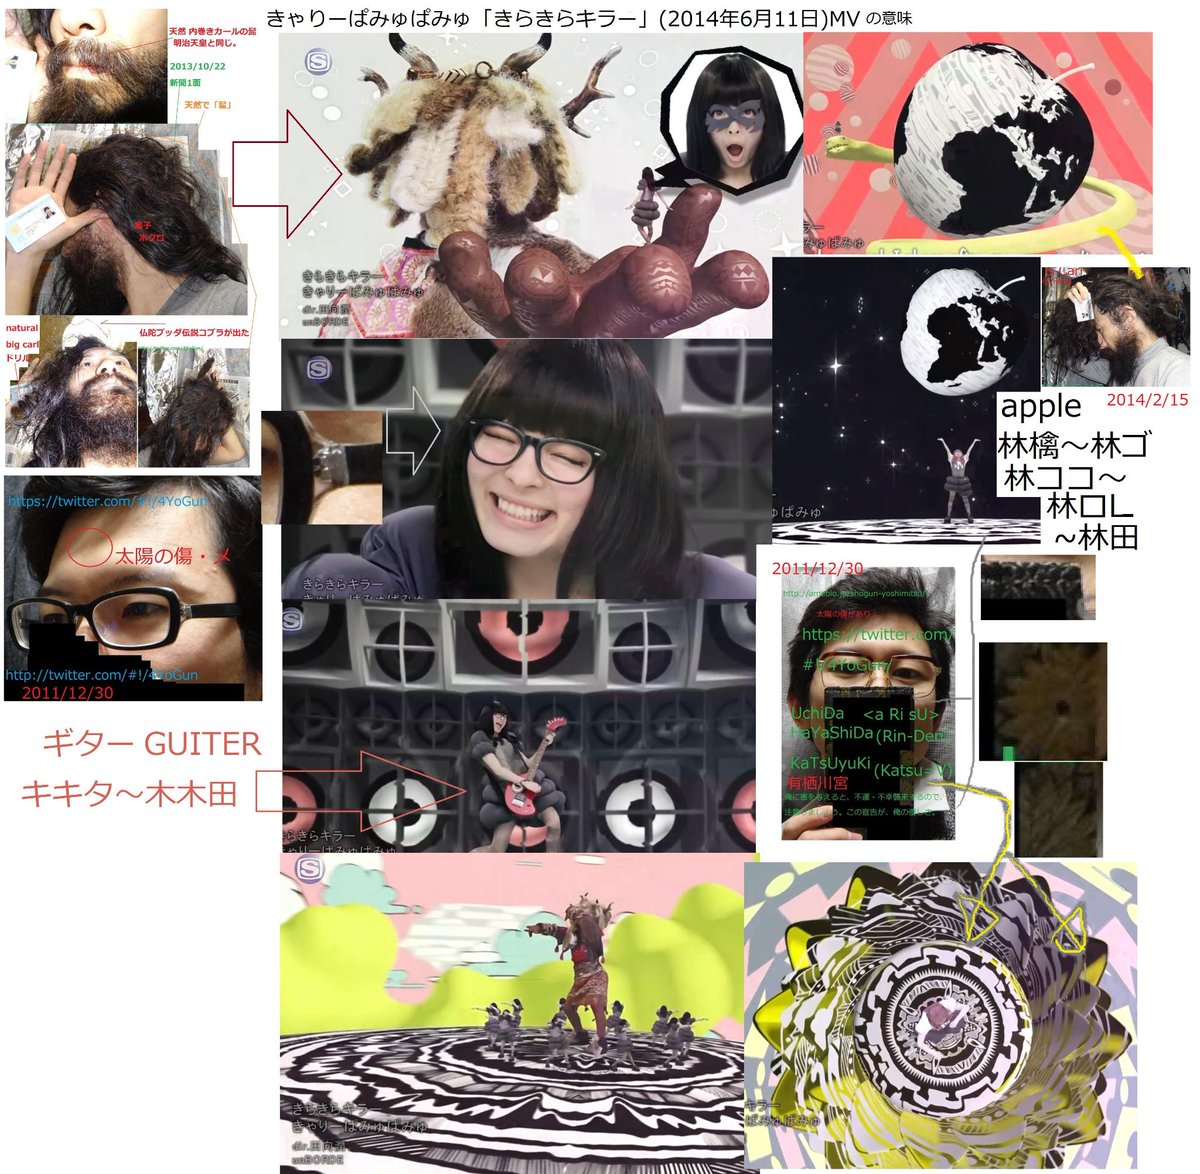 【テレビ朝日】宇佐美佑果 part2【うさみん】YouTube動画>20本 ->画像>425枚